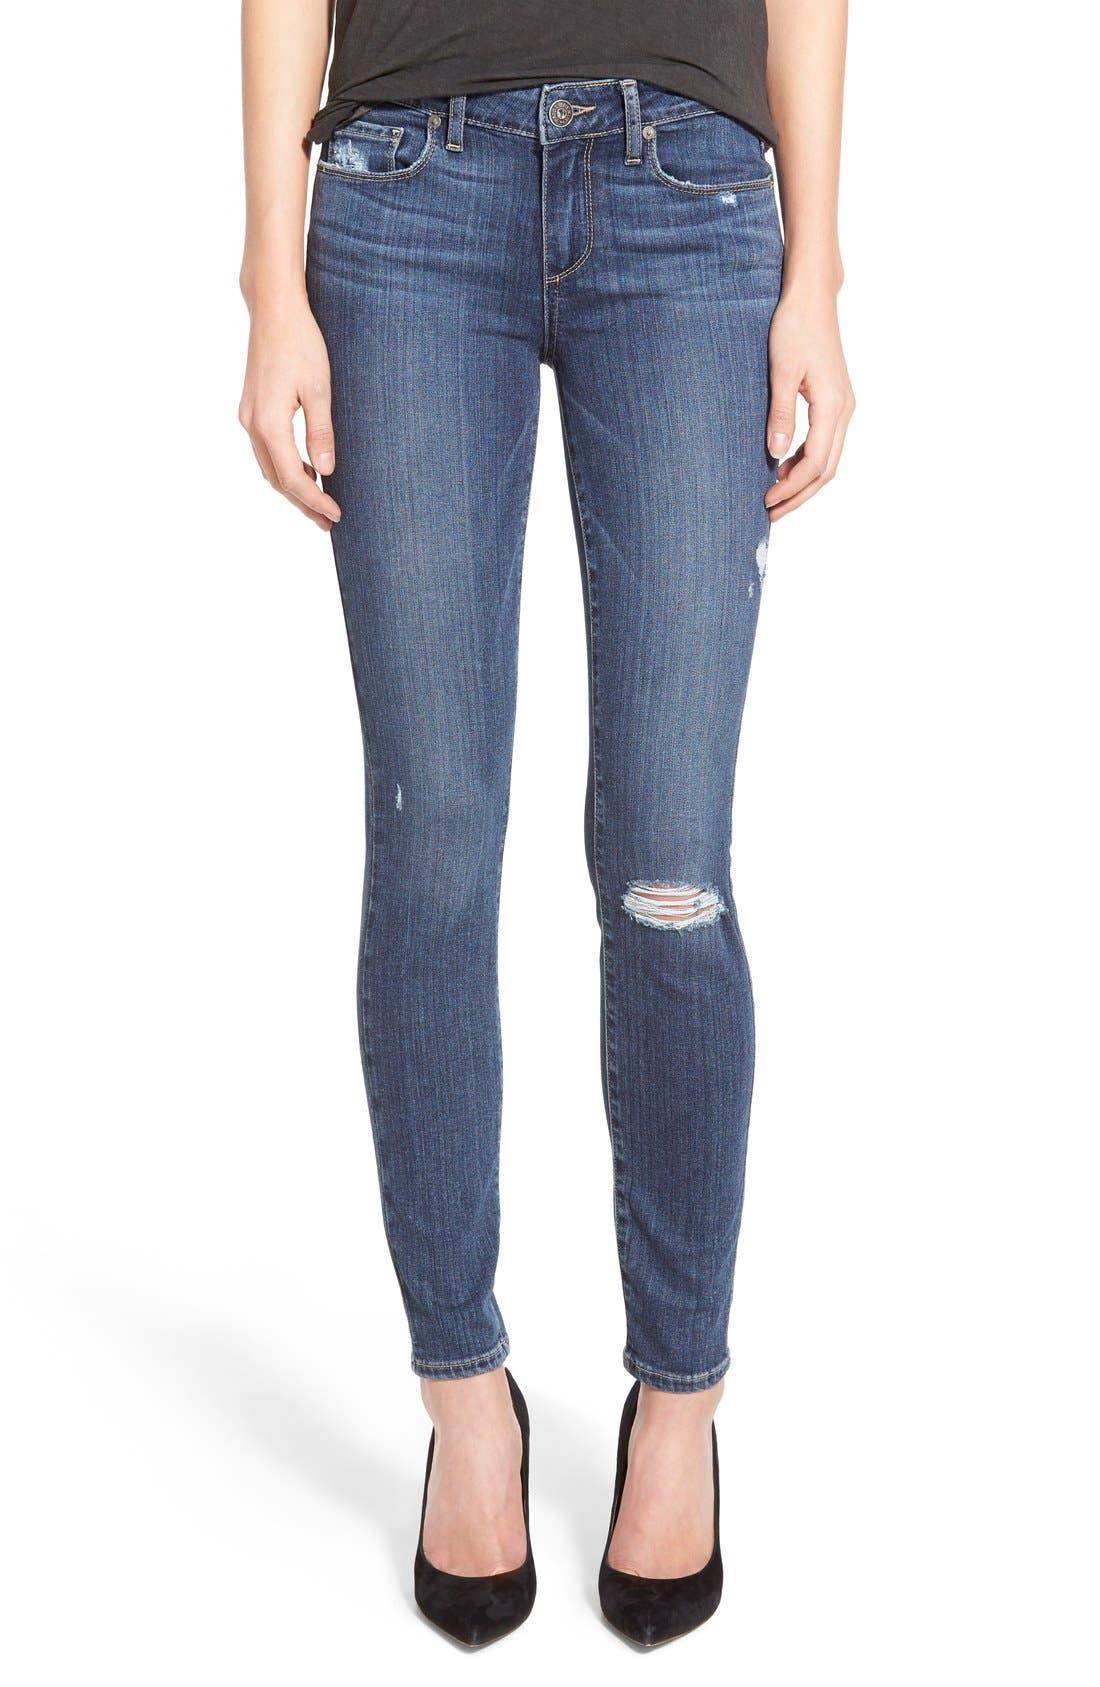 Alternate Image 1 Selected - Paige Denim 'Transcend - Verdugo' Ultra Skinny Jeans (Silas Destructed)